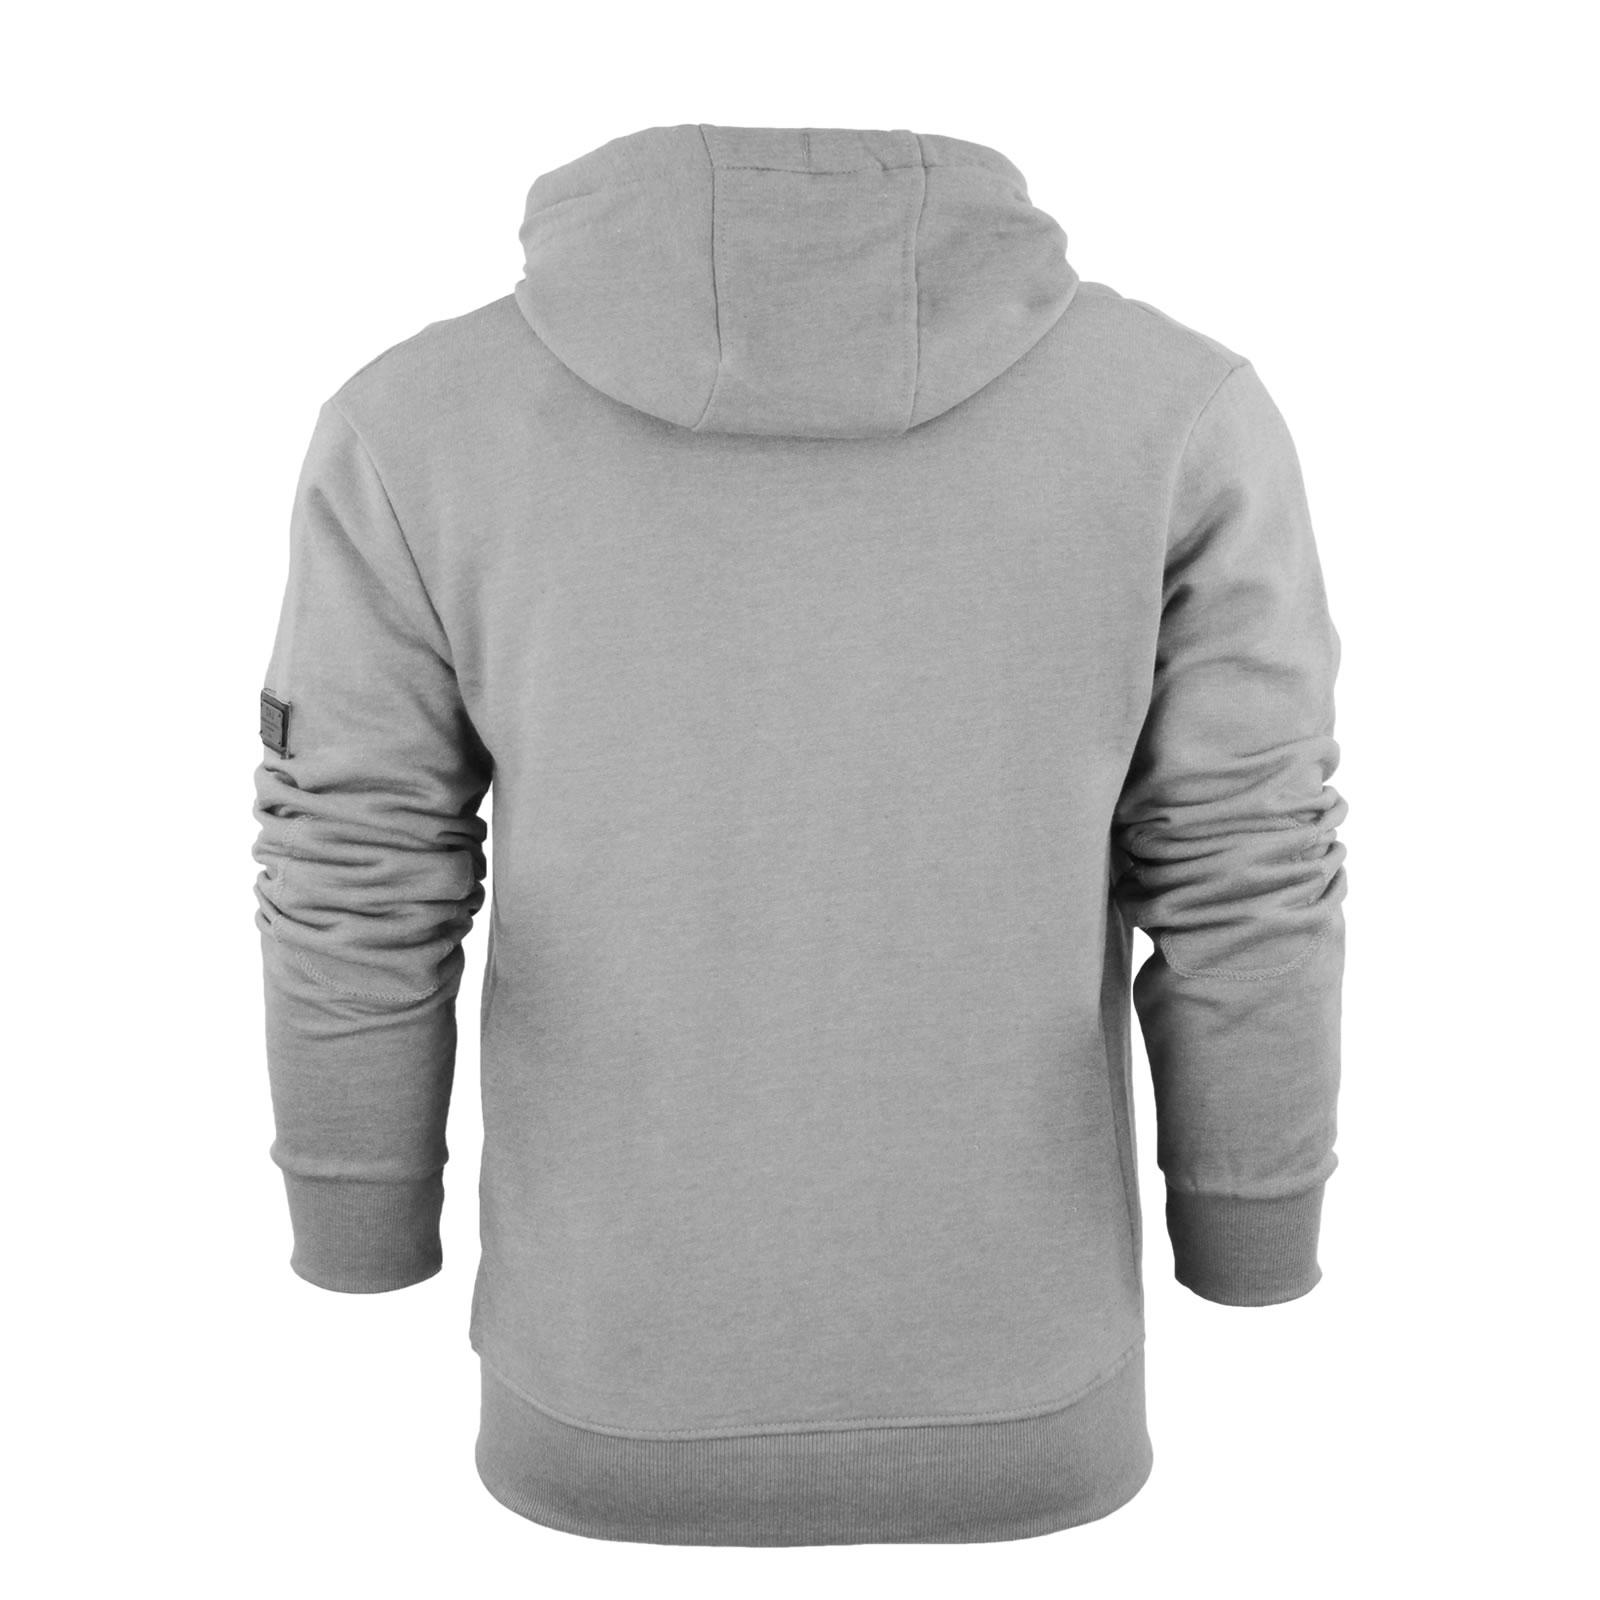 Mens Hoodie Smith & Jones Plazzio Zip up Hooded Sweater LT Grey ...